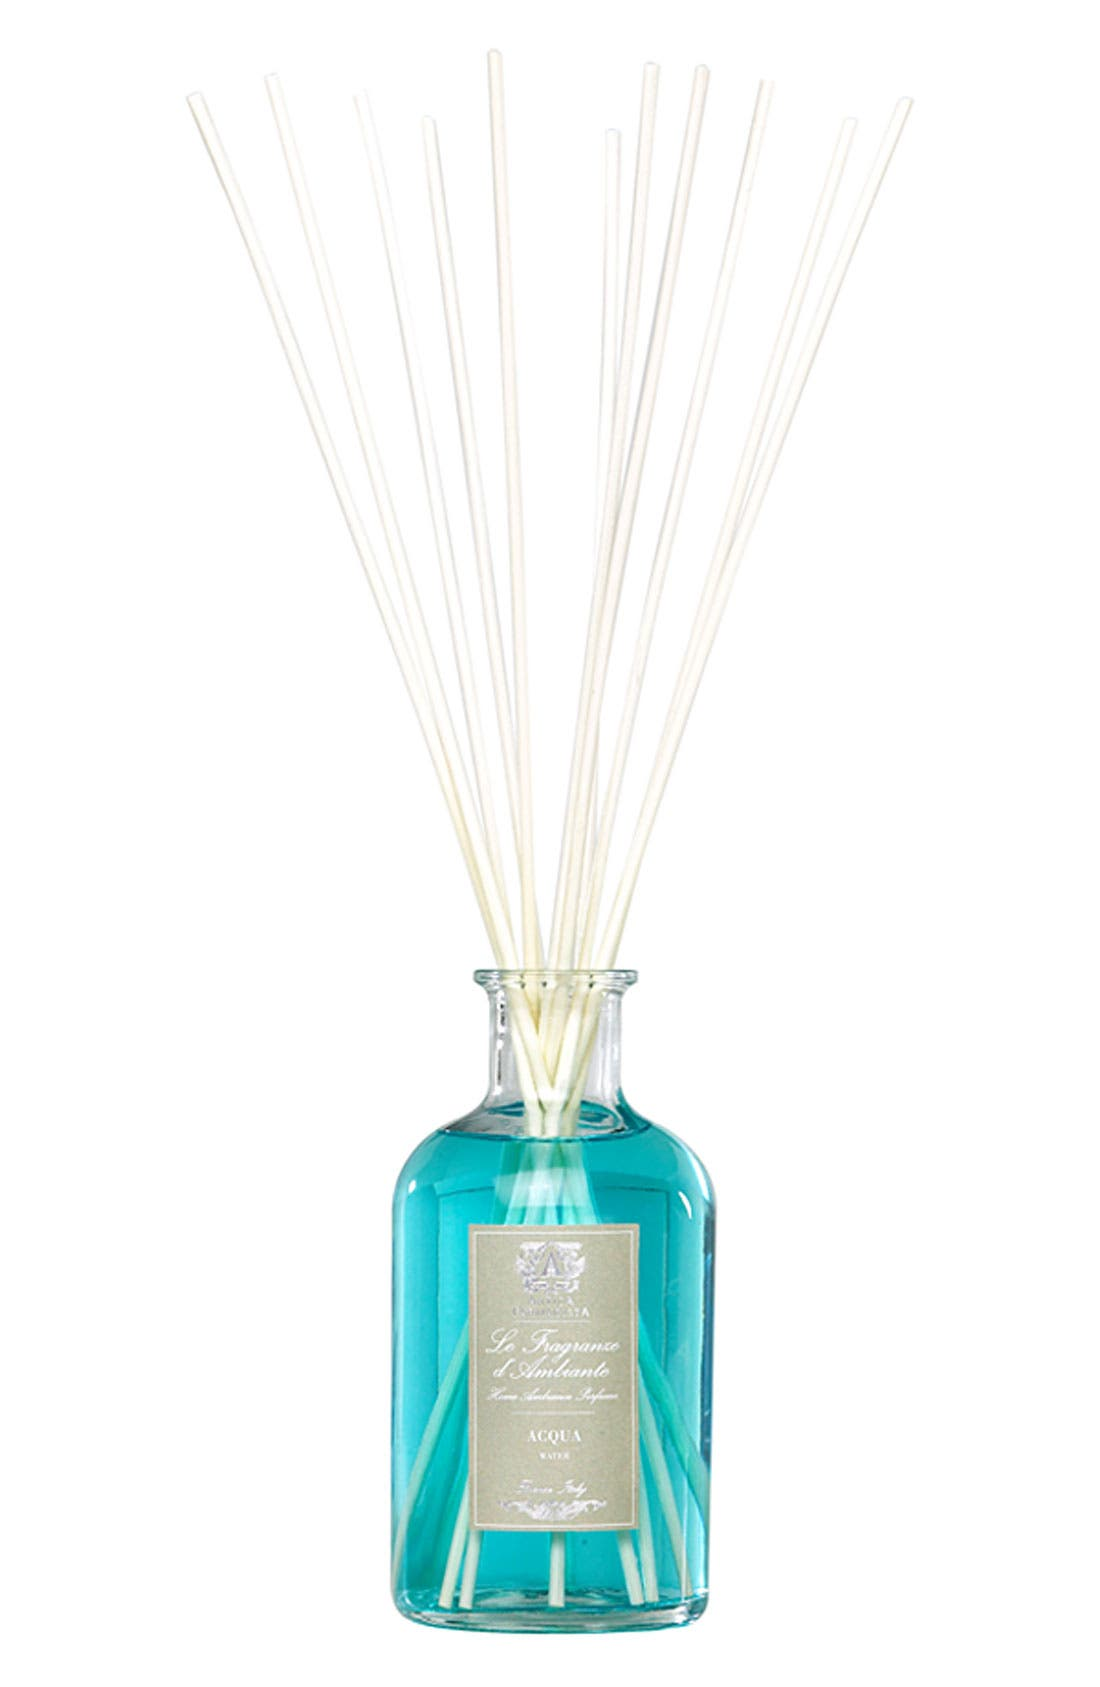 Antica Farmacista 'Acqua' Home Ambiance Perfume